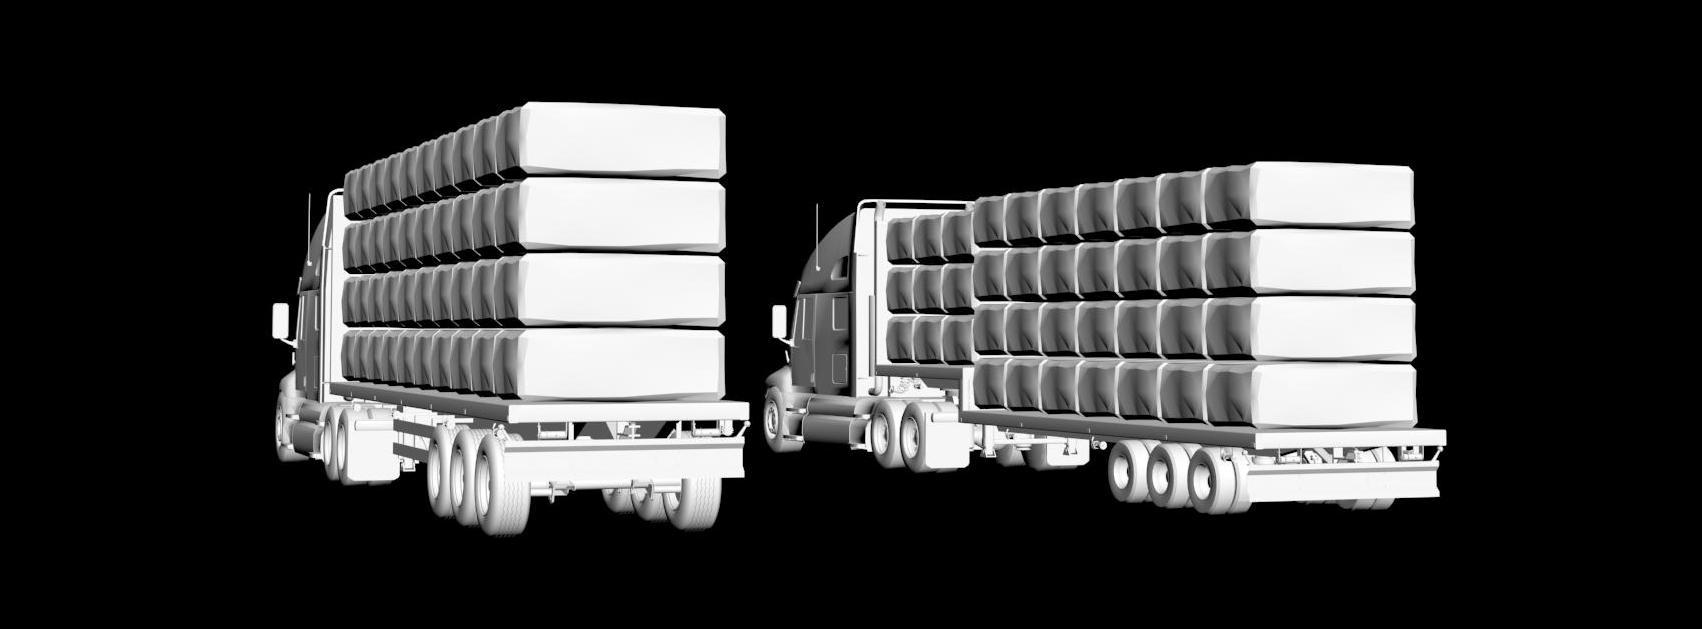 [Encuesta][T.E.P.] Proyecto Aguas Tenias (22 modelos + 1 Camión) [Terminado 21-4-2014]. - Página 4 47tkkz8